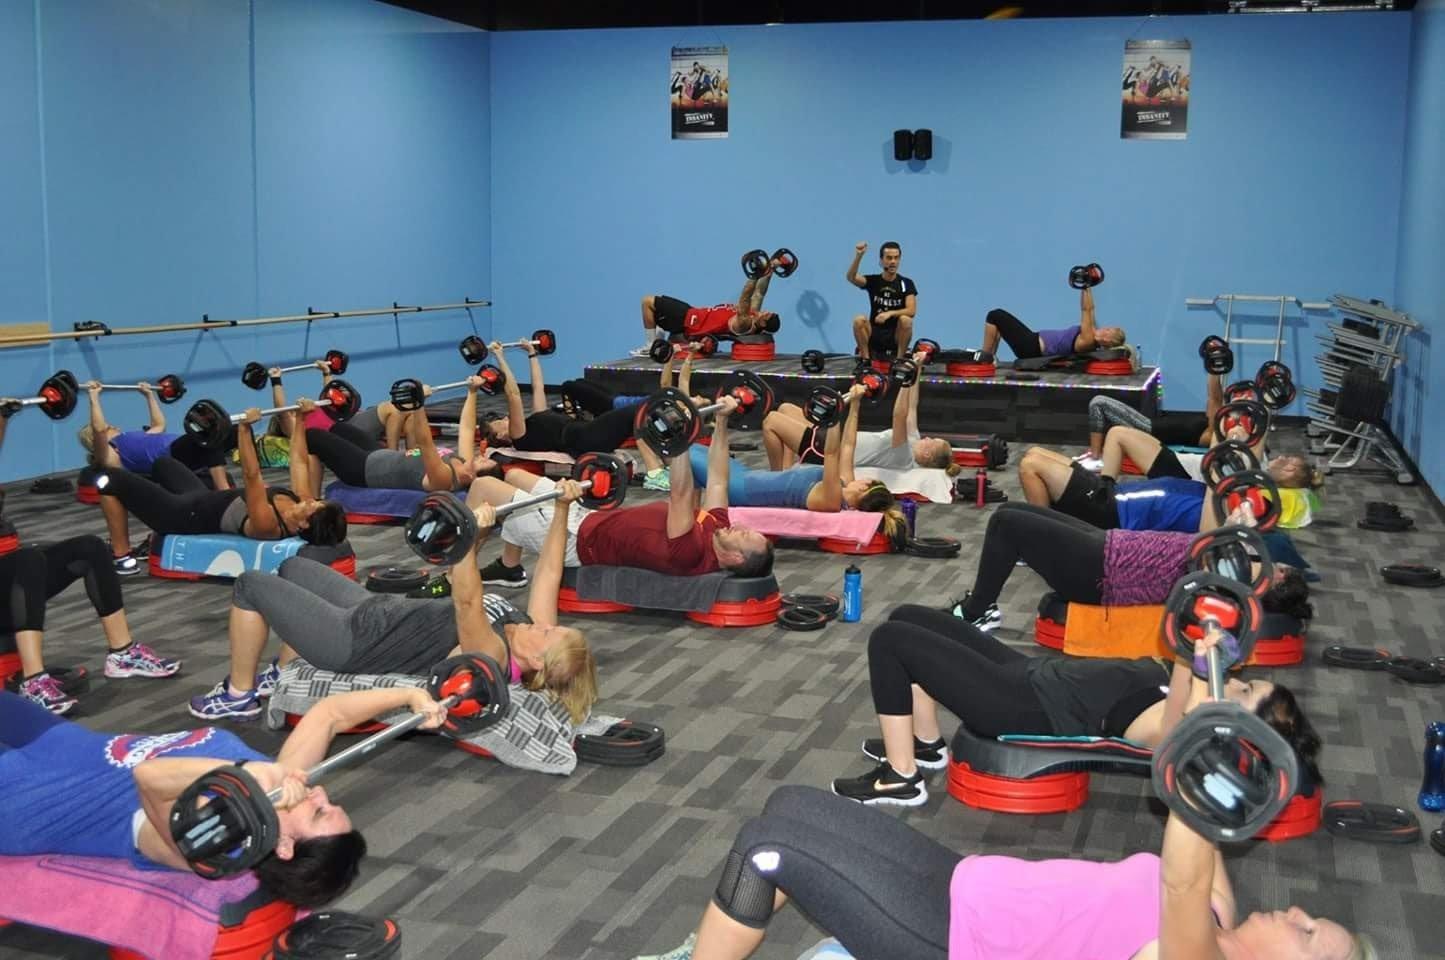 ready twenty four gym picture of ready twenty four gym team members